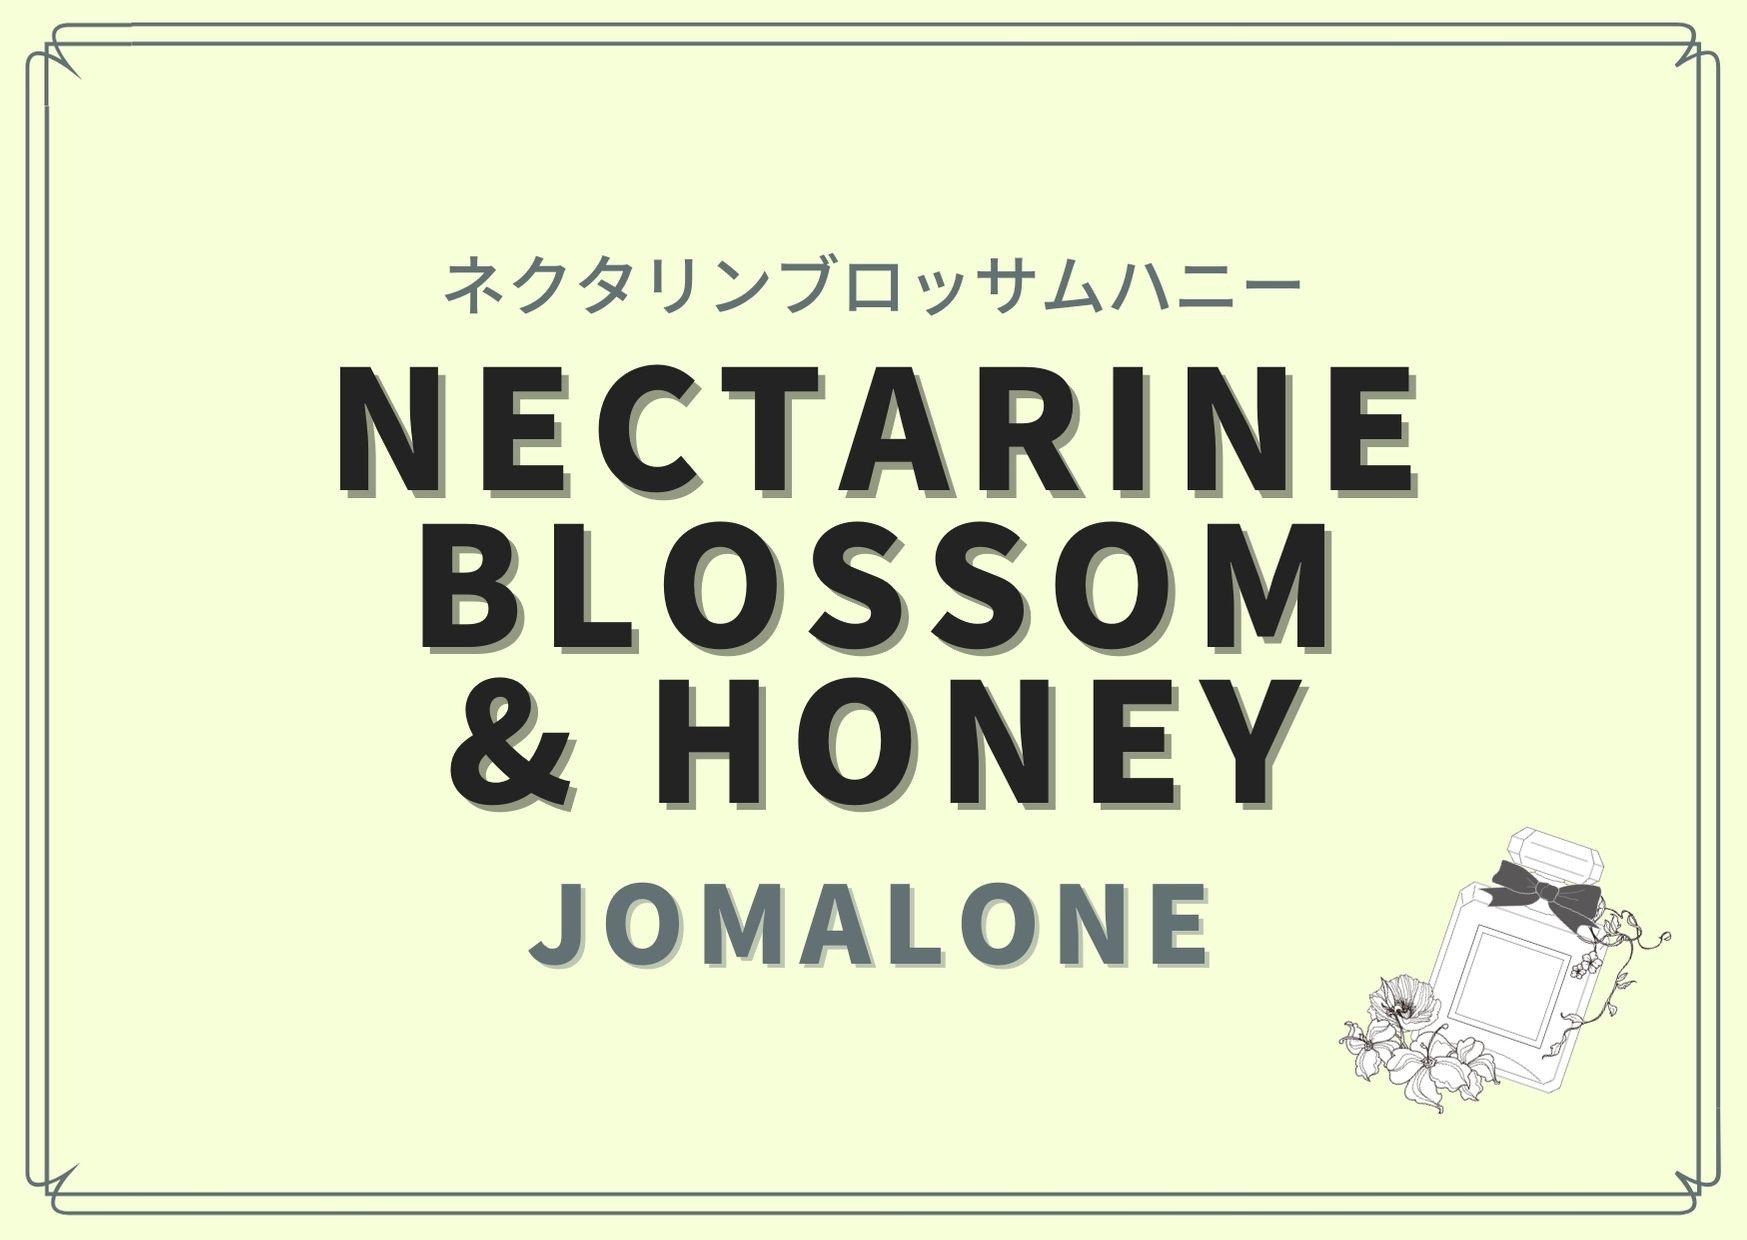 Nectarine Blossom & Honey(ネクタリンブロッサムハニー)/JoMalone(ジョーマローン)